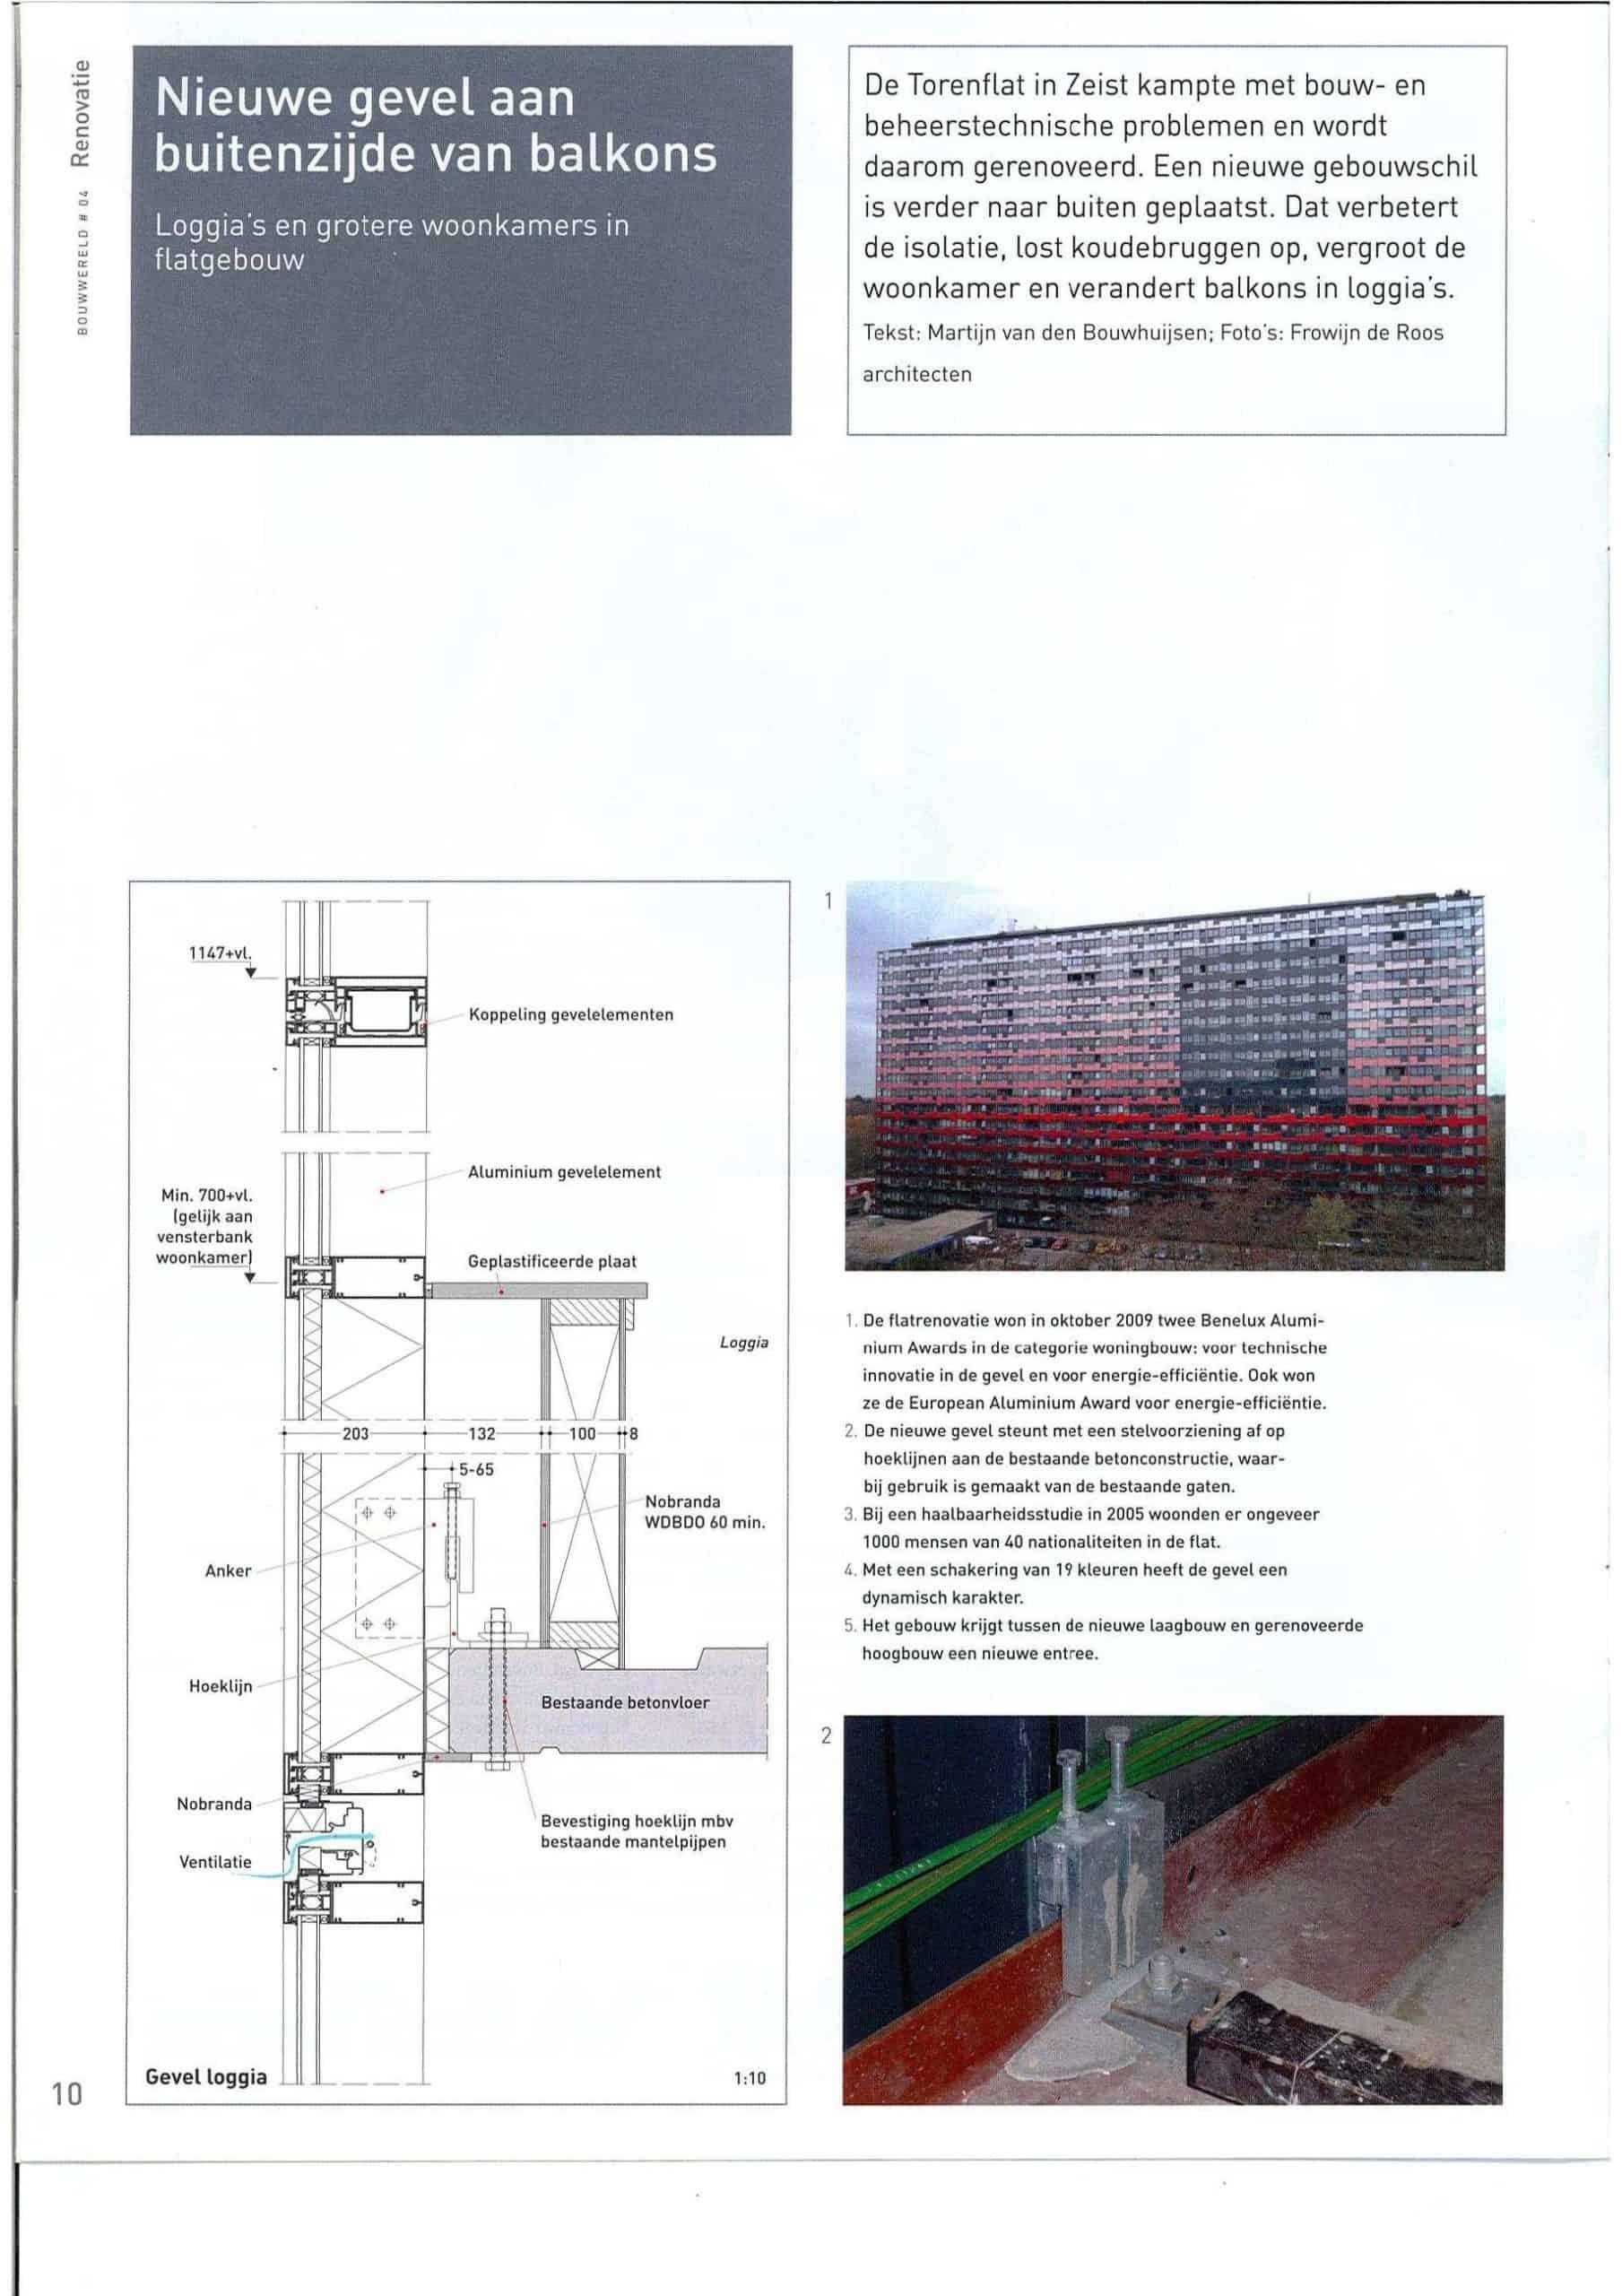 Bouwwereld-04-april2010_Nieuwe-gevel-aan-buitenzijde-balkons_1-3-scaled